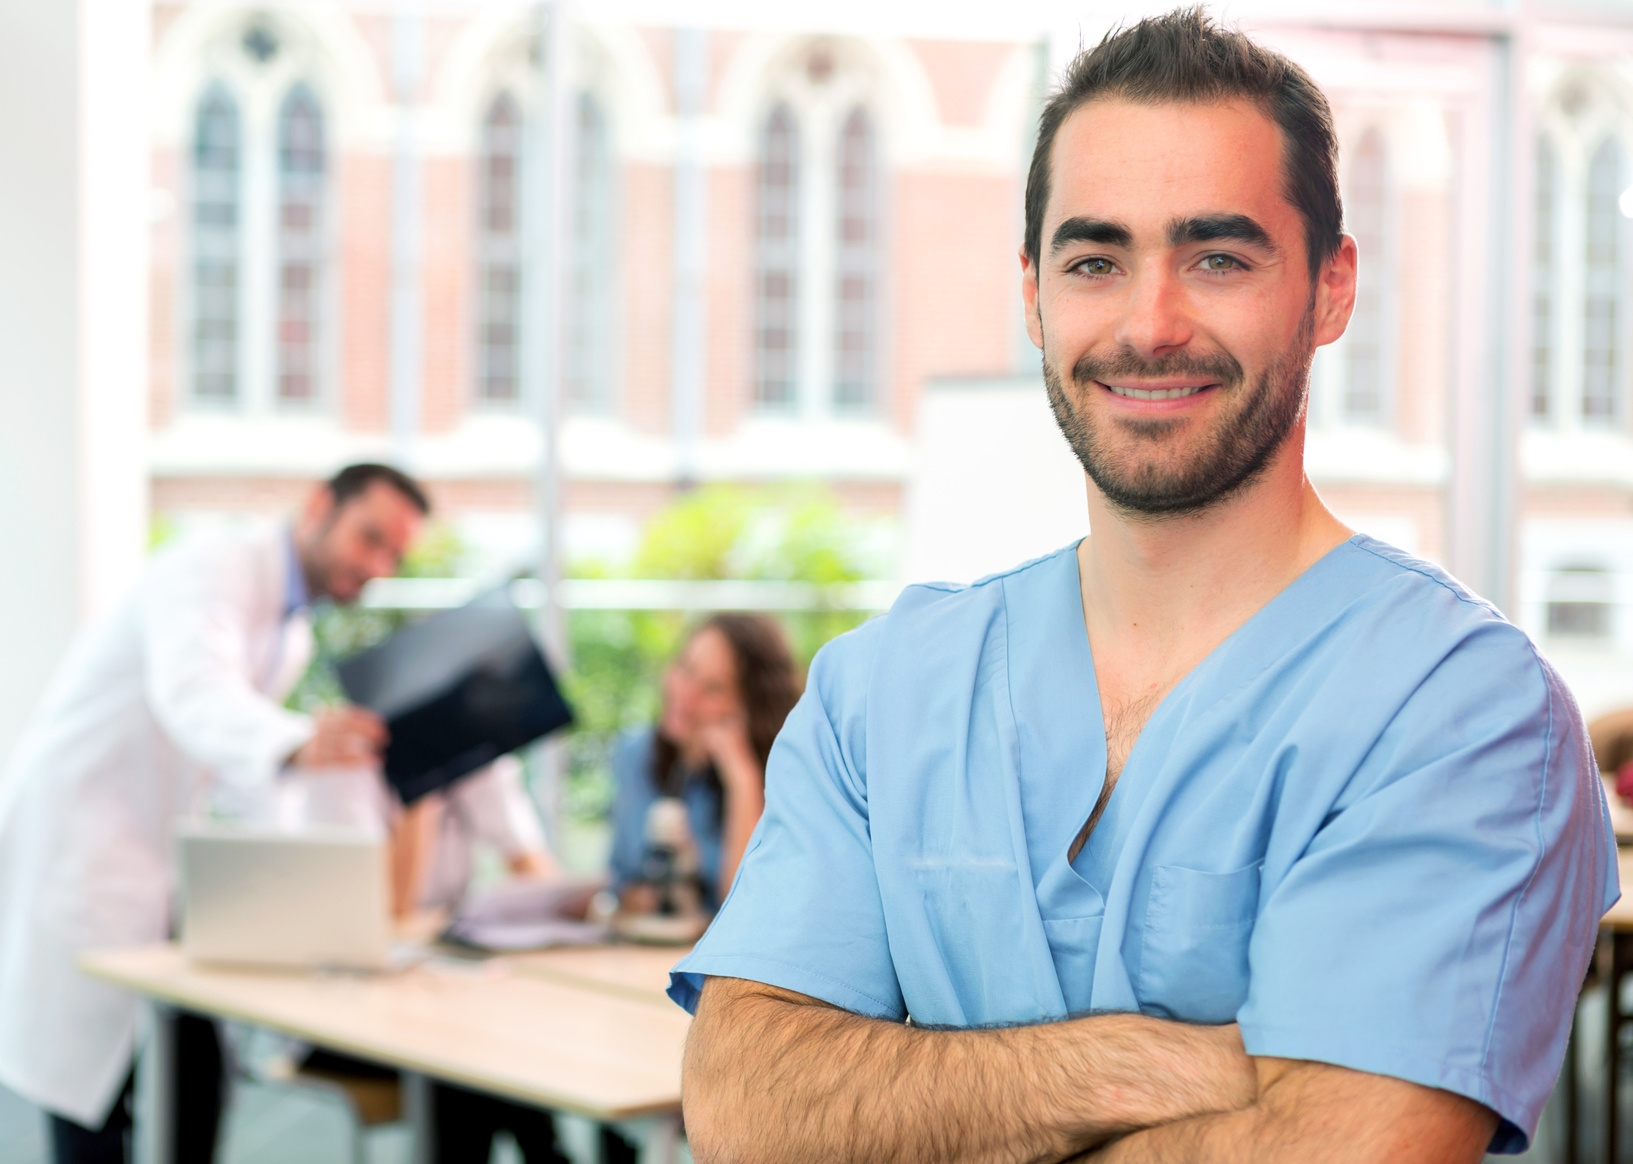 Junger Krankenpfleger, freundlich im Krankenhaus